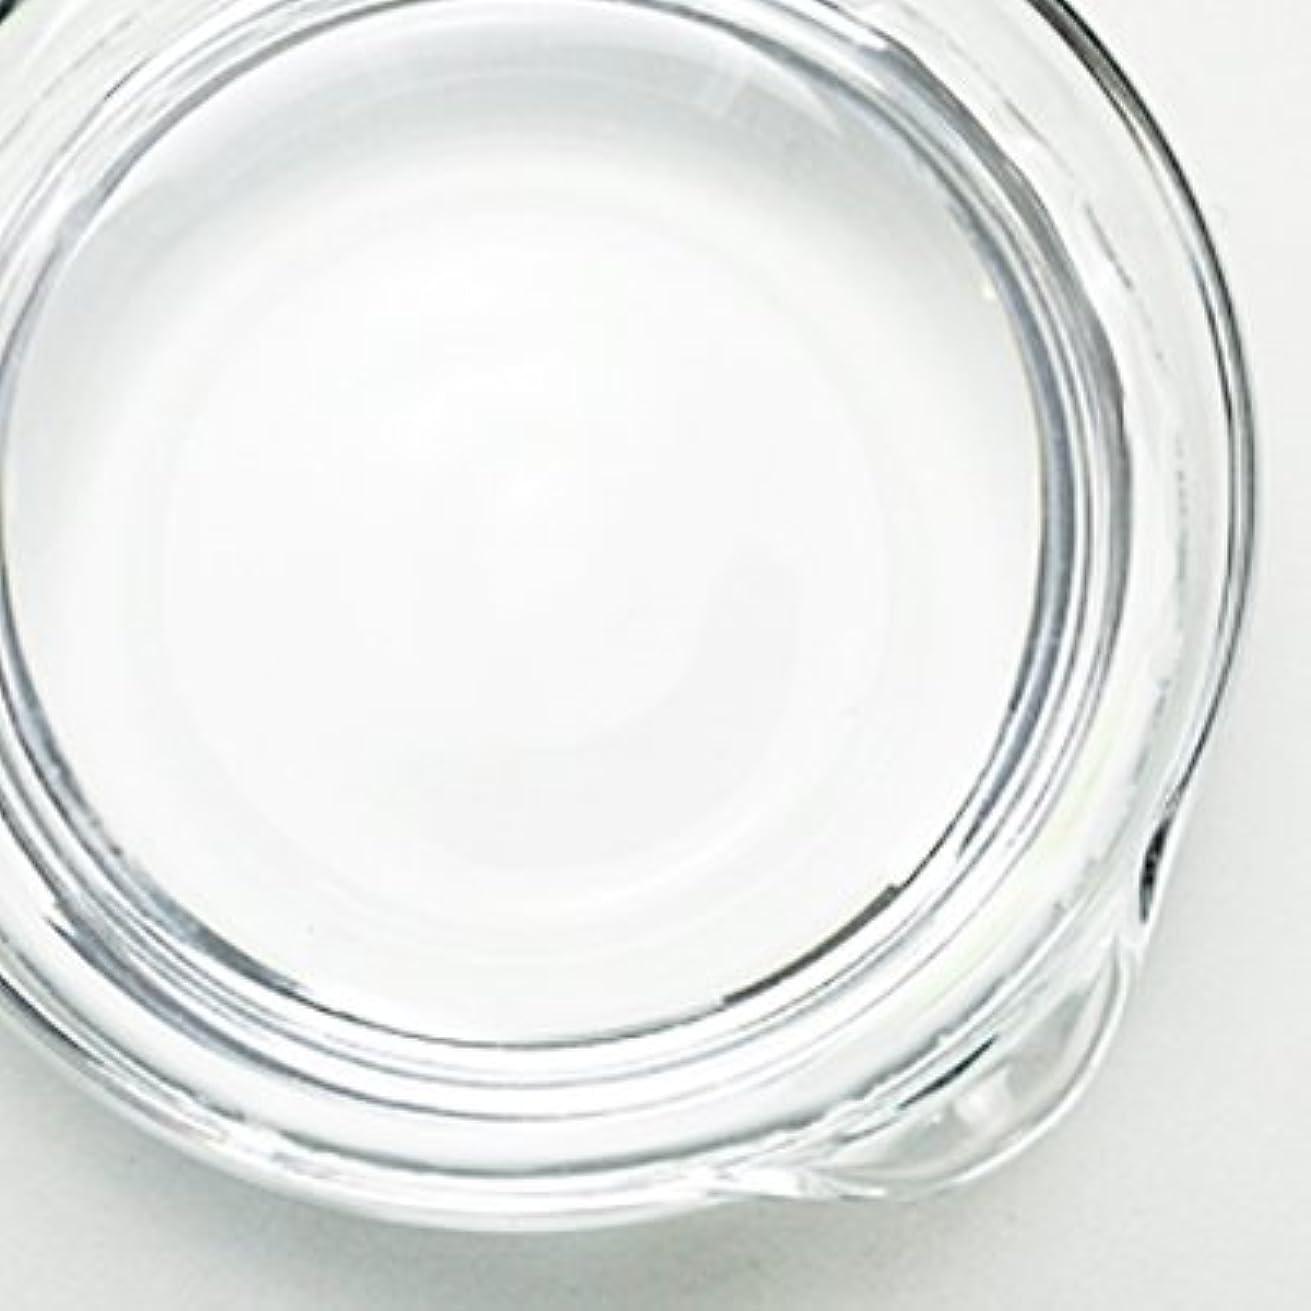 影響力のある方程式行動1,3-ブチレングリコール[BG] 500ml 【手作り石鹸/手作りコスメ】